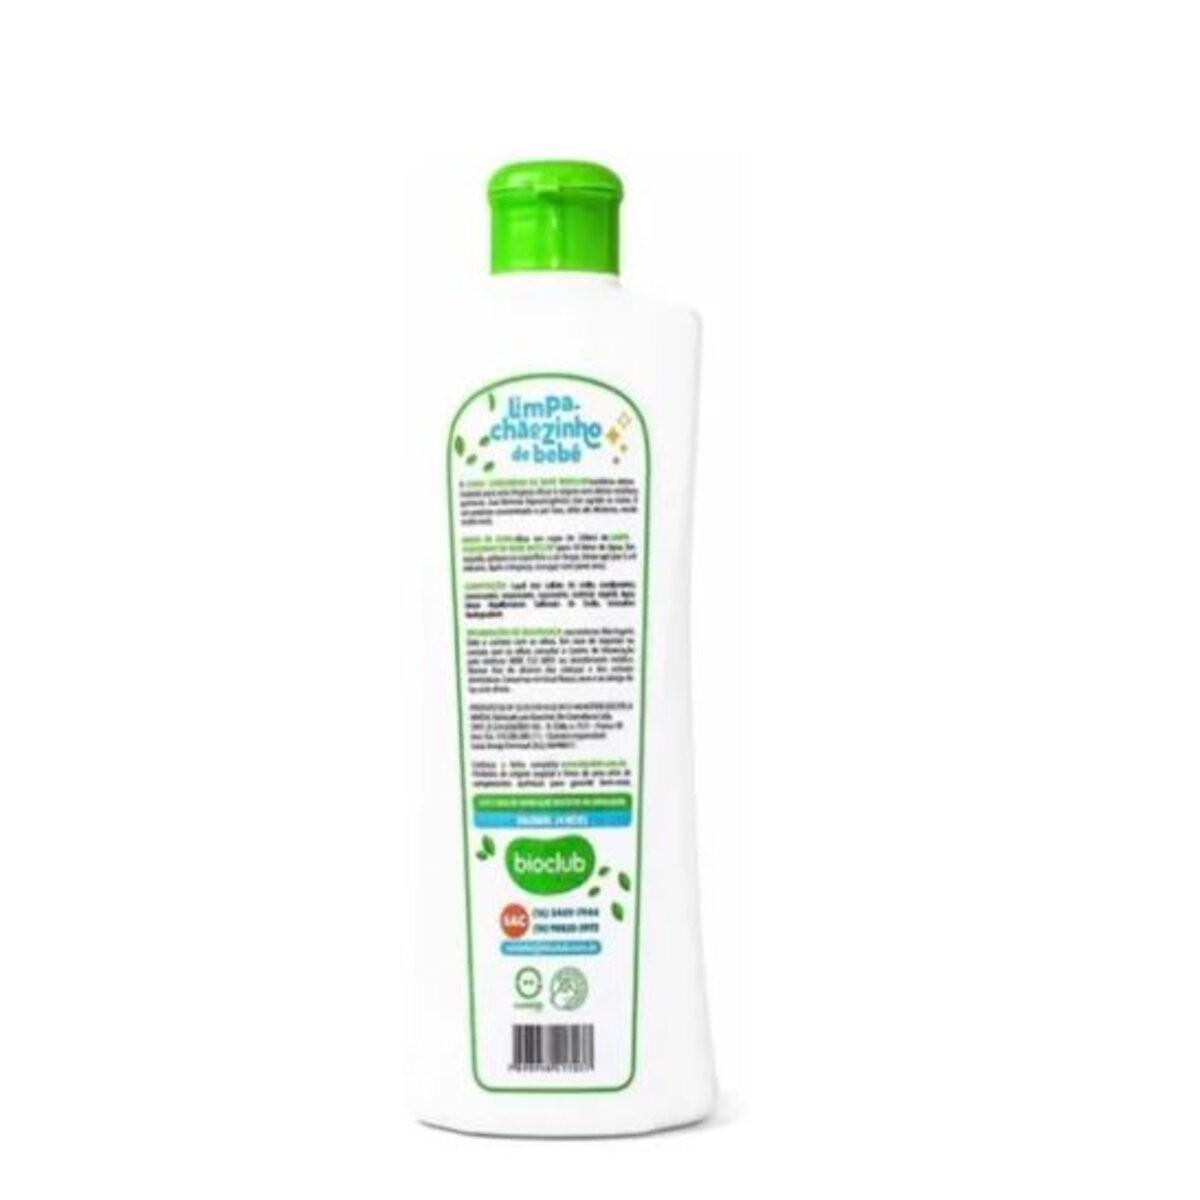 Limpeza de Chão e Multi Limpeza de Superfícies 500ml BioClub